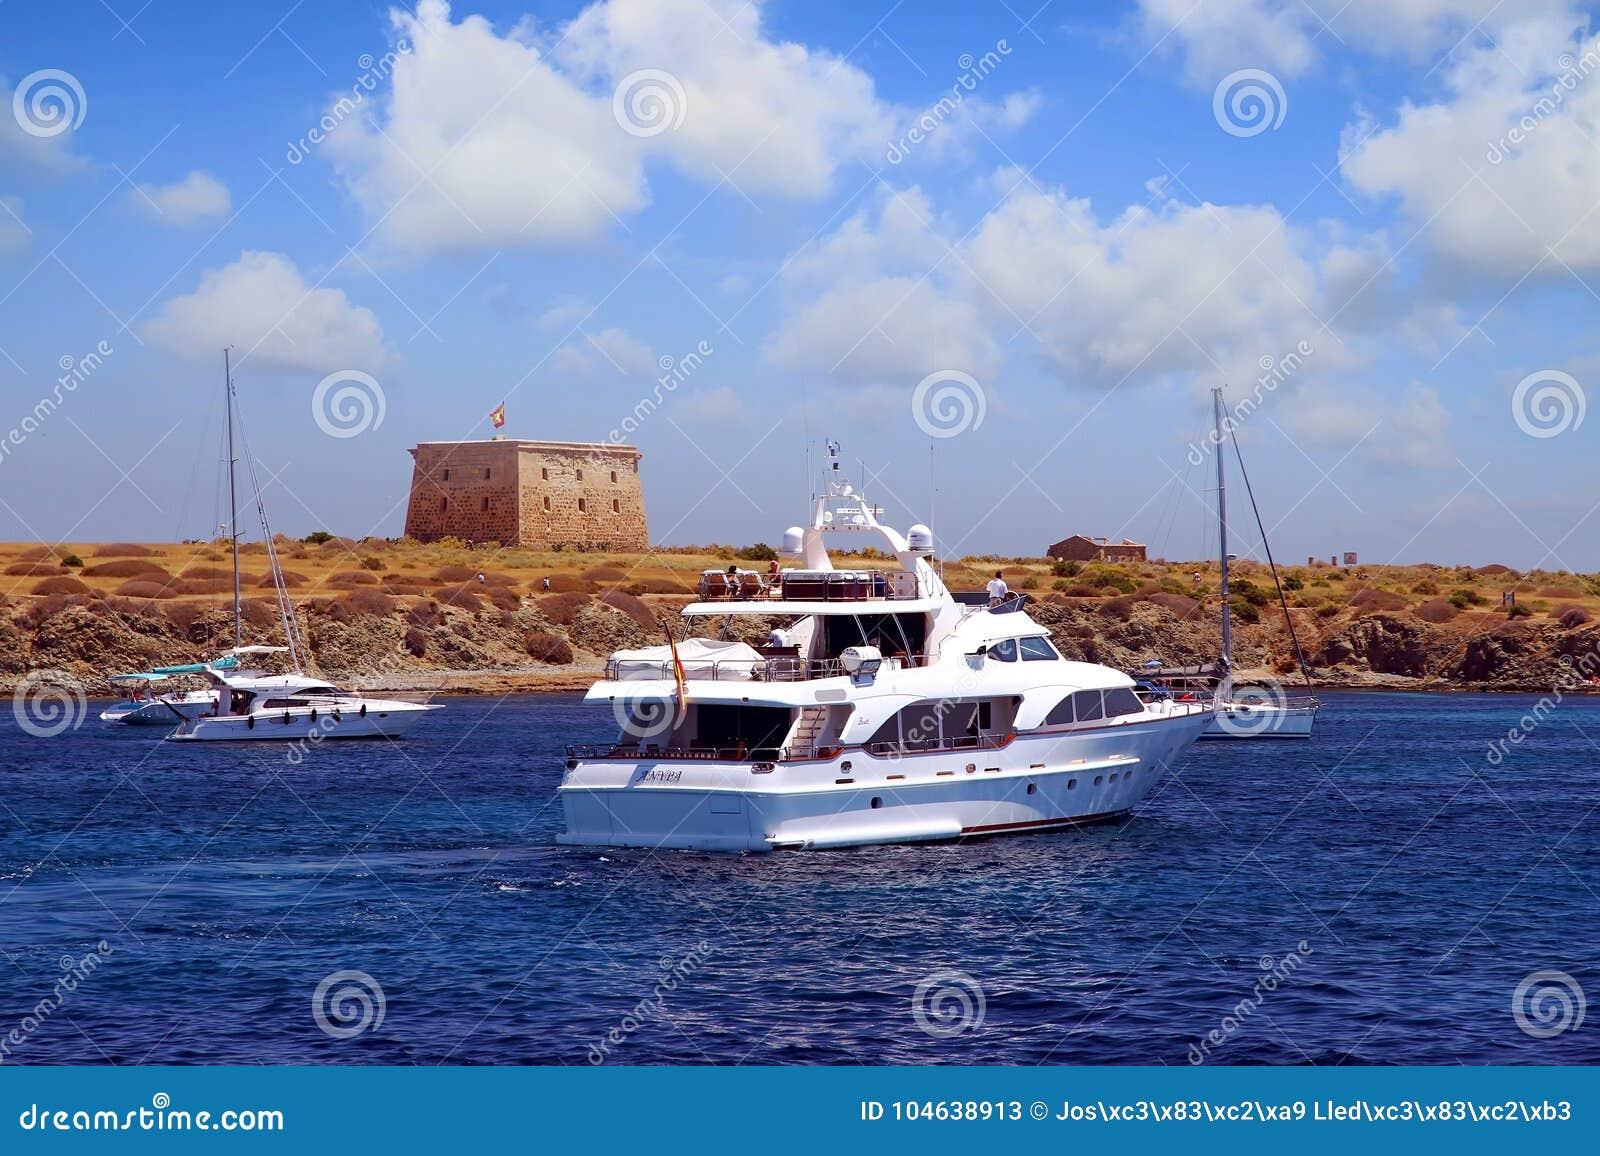 Download Privé Motorjacht Die Aan Ankerplaats In Tabarca-eiland Naderbij Komen Redactionele Stock Foto - Afbeelding bestaande uit vakantie, cruising: 104638913